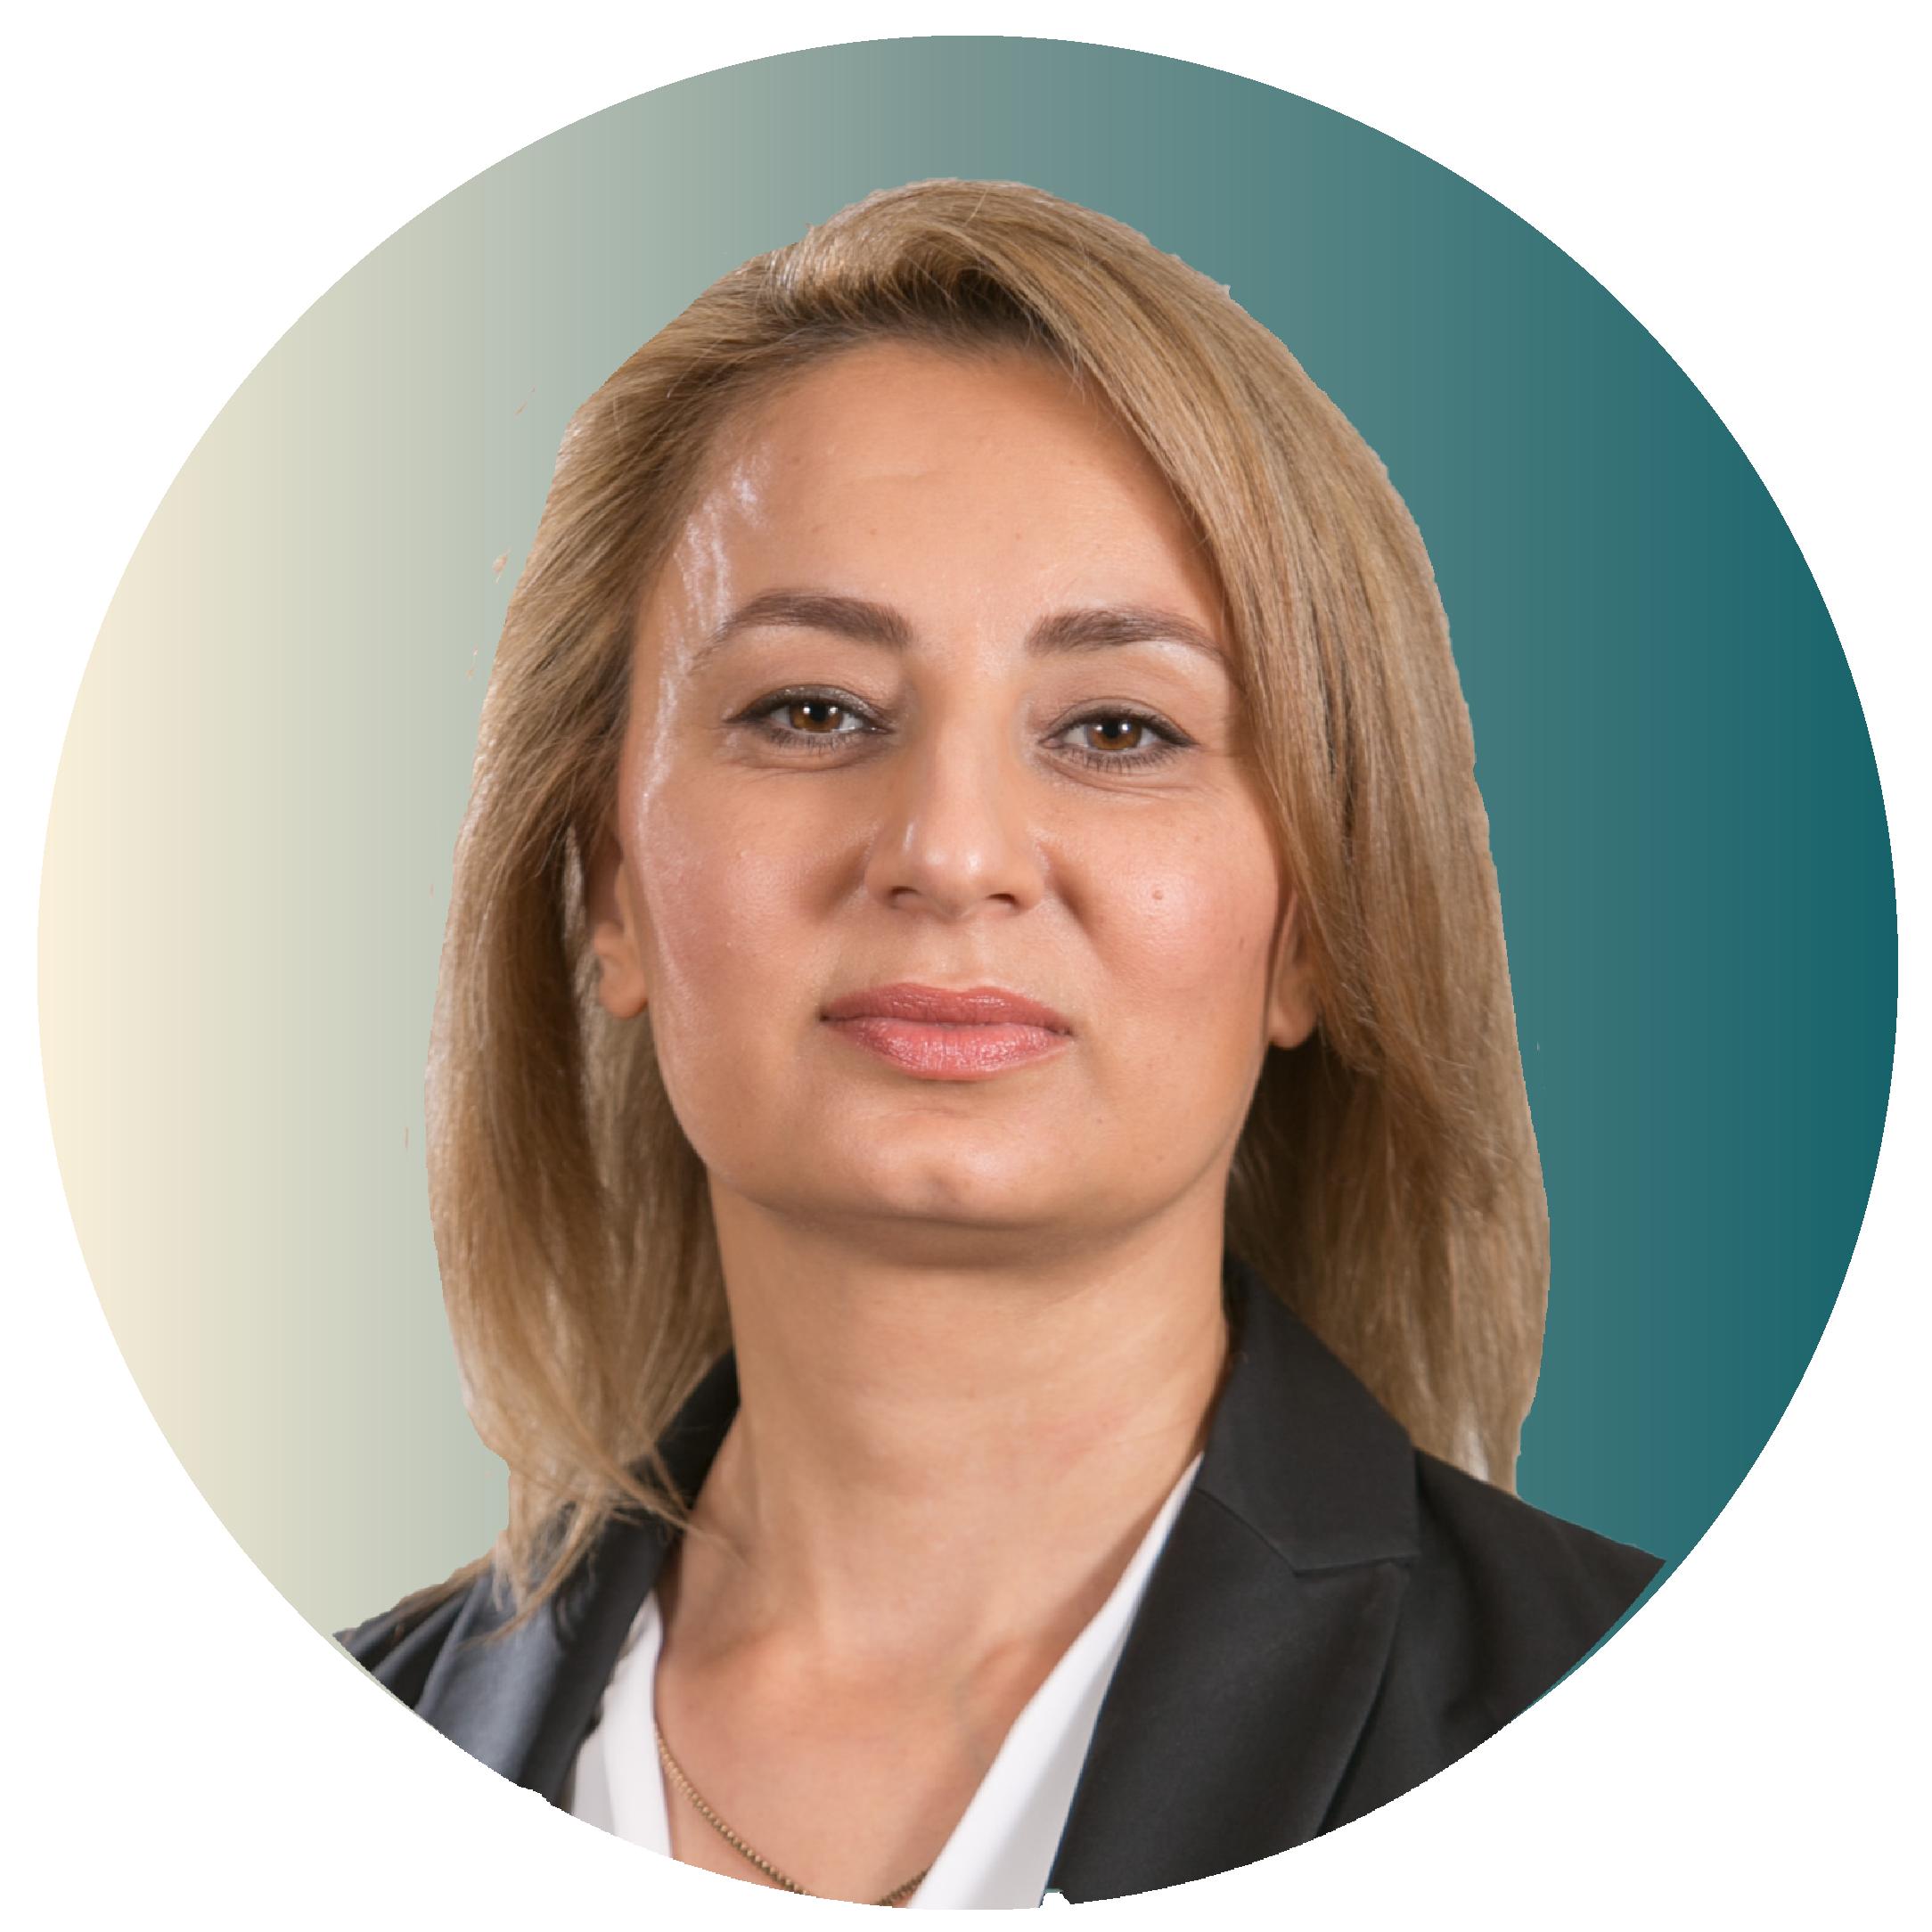 Aida Martirosyan-Haymillian